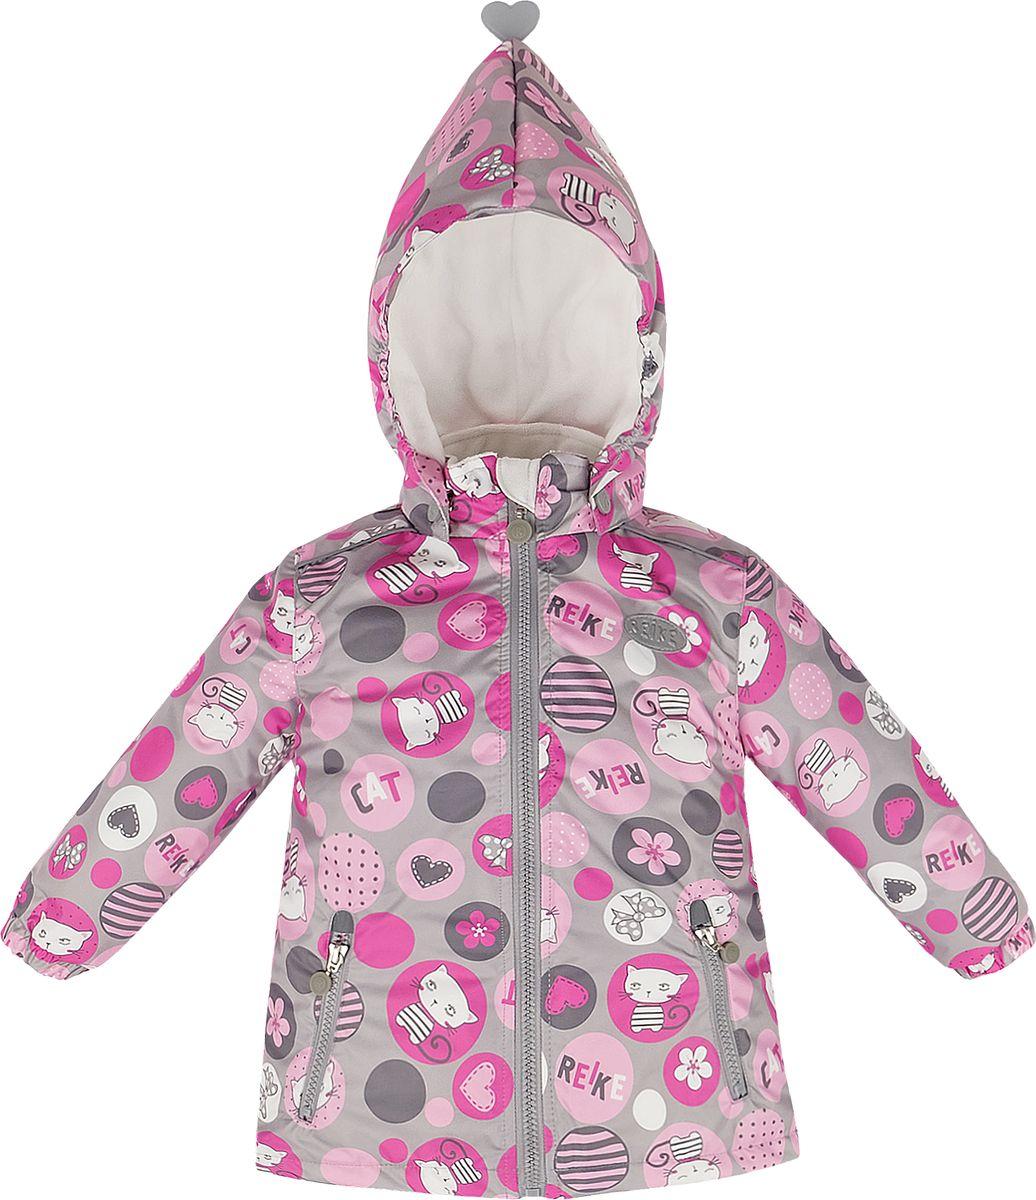 Куртка детская Reike, цвет: серый. 40 022 225_CATS(80) grey. Размер 98, 3 года40 022 225_CATS(80) grey